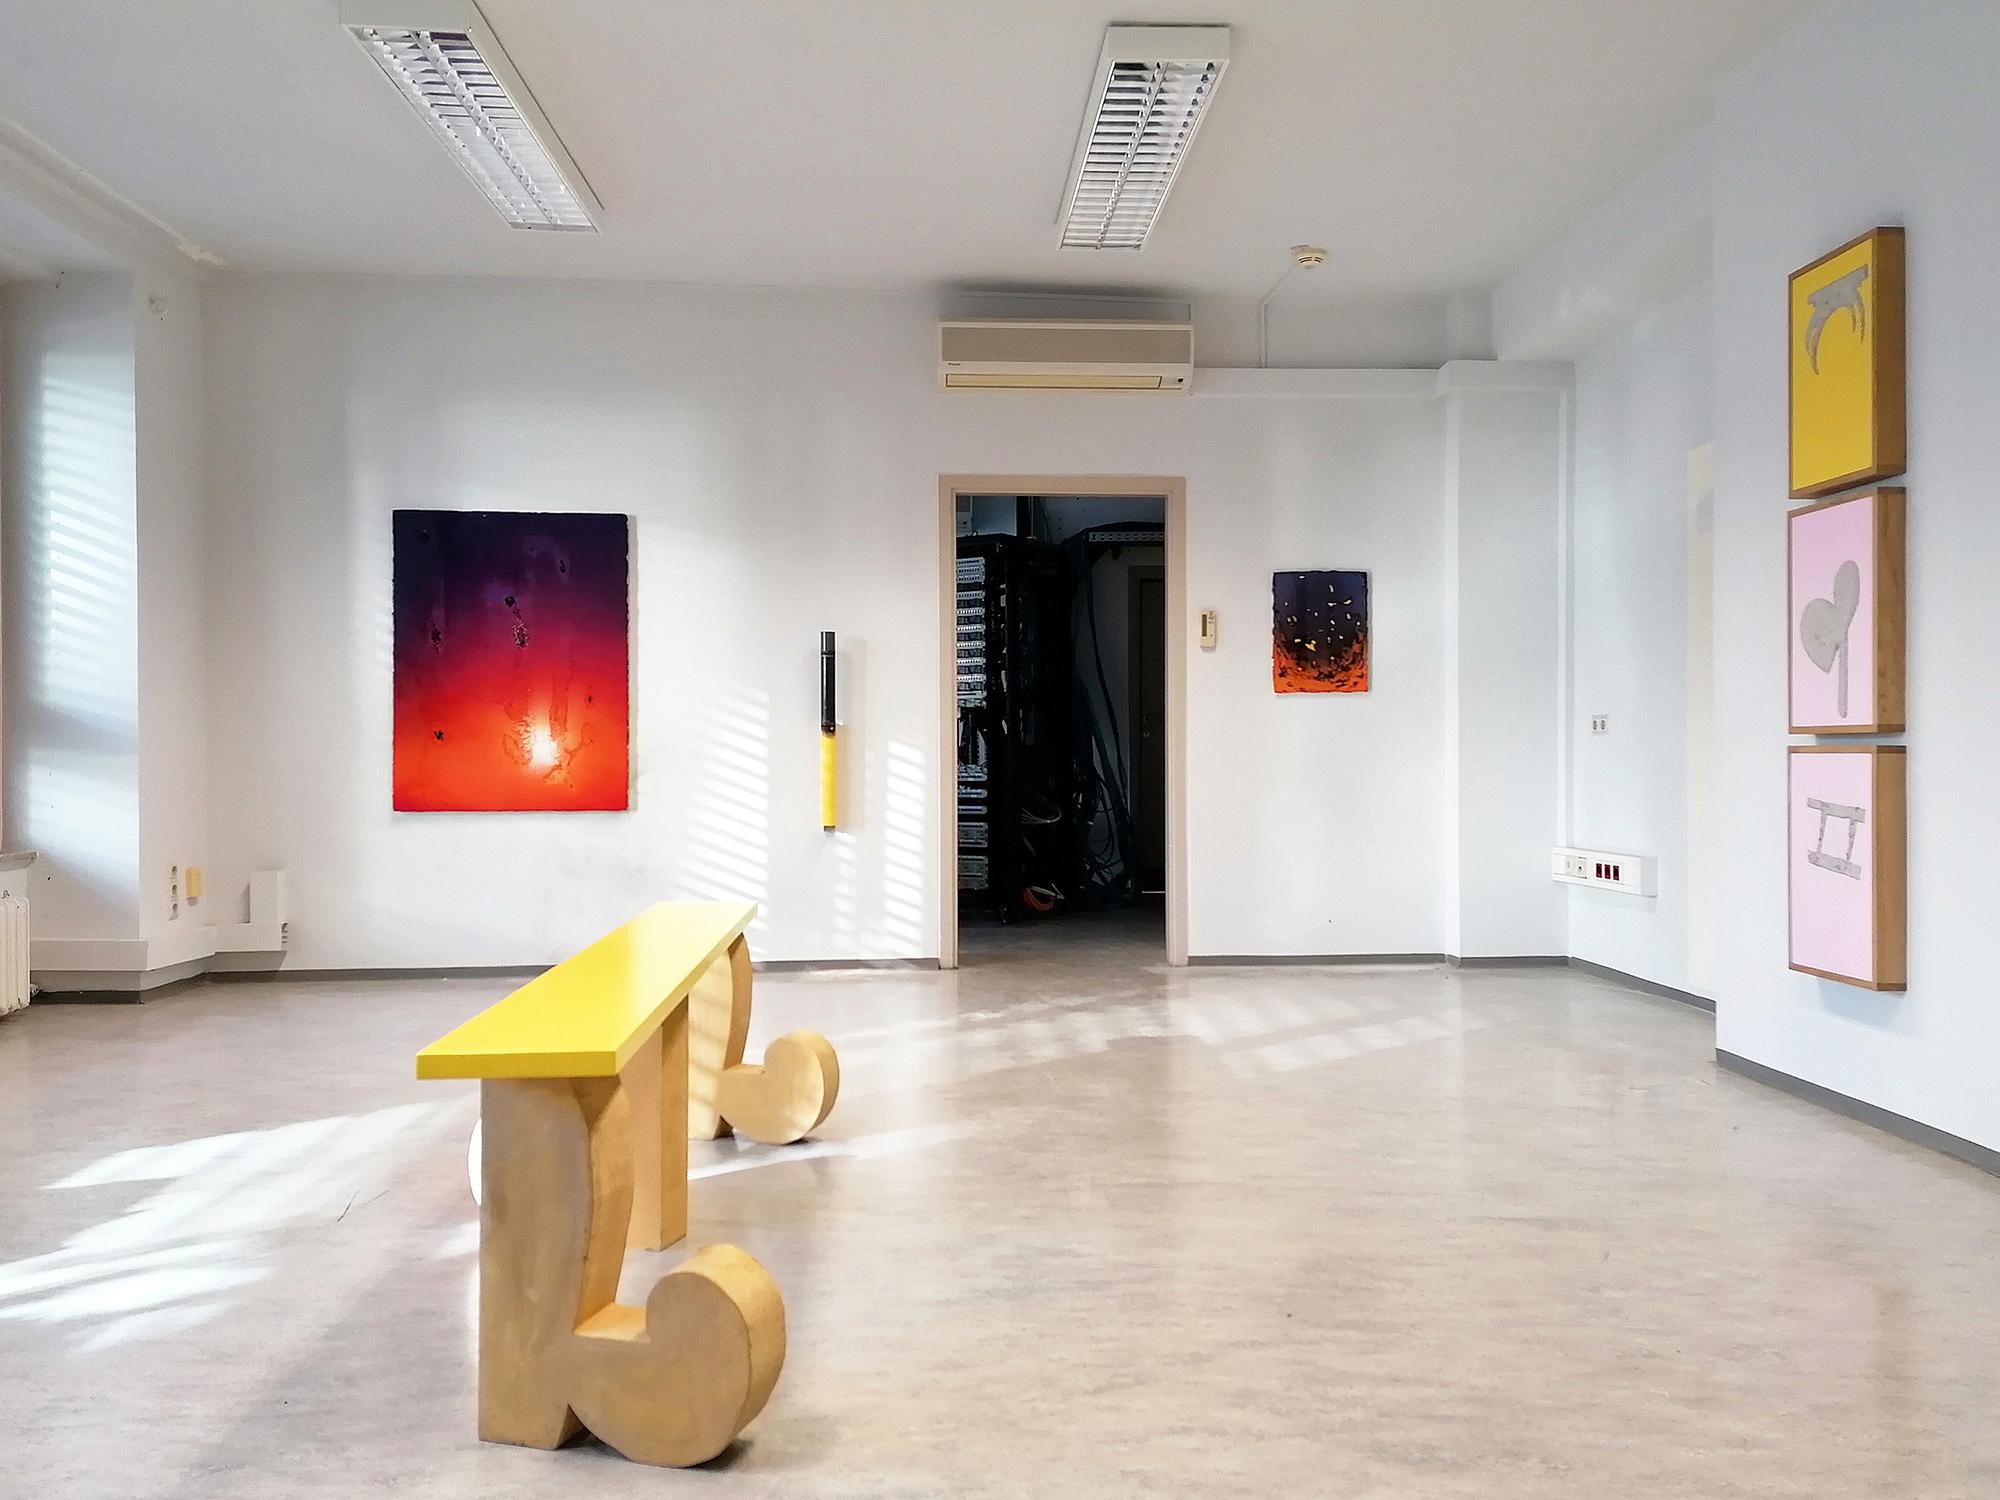 christine koenig gallery, vienna